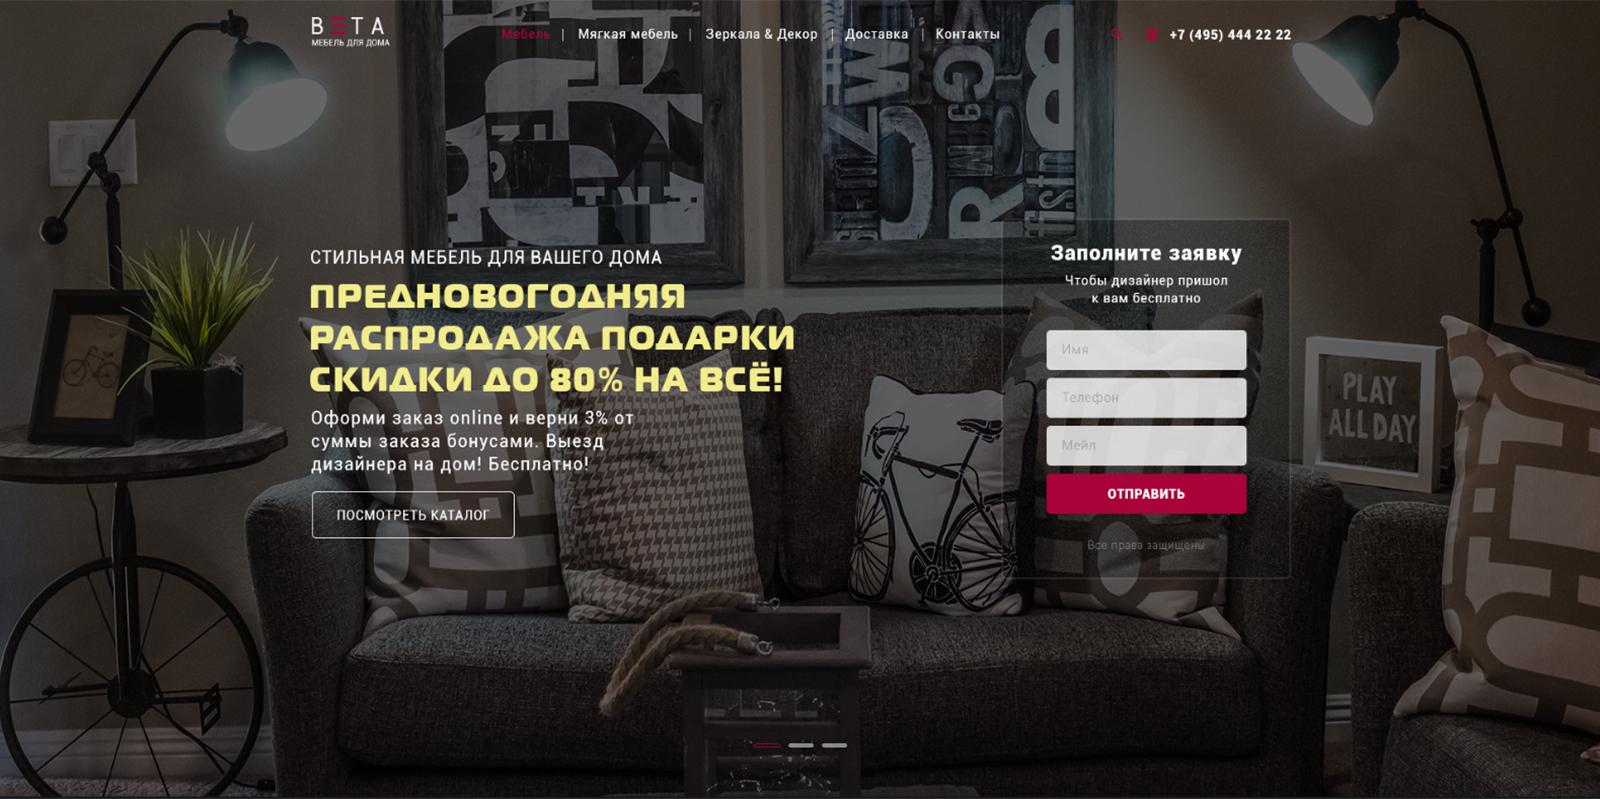 Фрилансер для сайта в москве озвучка новый диск для freelancer